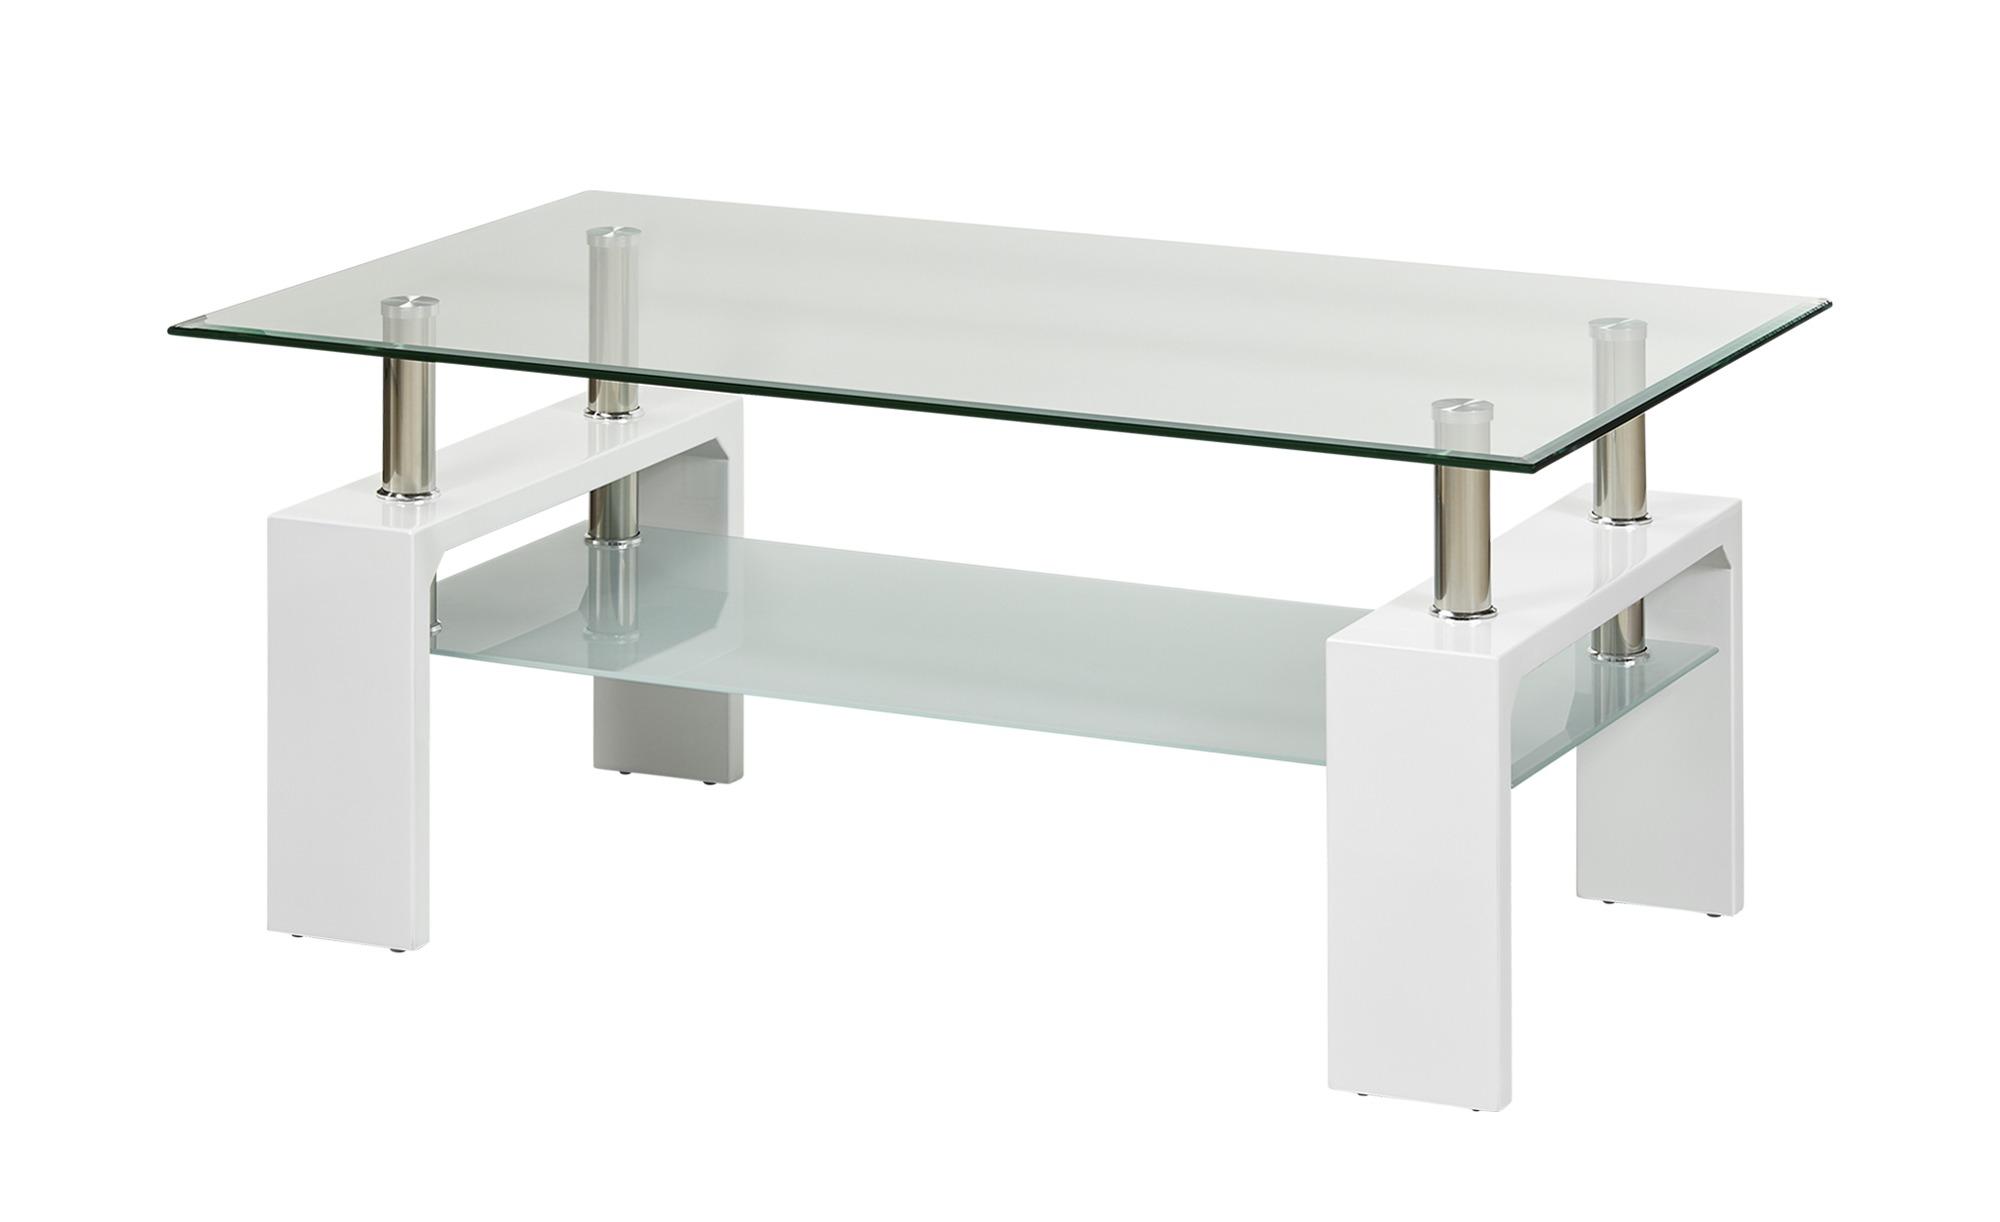 Couchtisch  Elba ¦ weiß ¦ Maße (cm): B: 60 H: 45 Tische > Couchtische > Couchtische rechteckig - Höffner